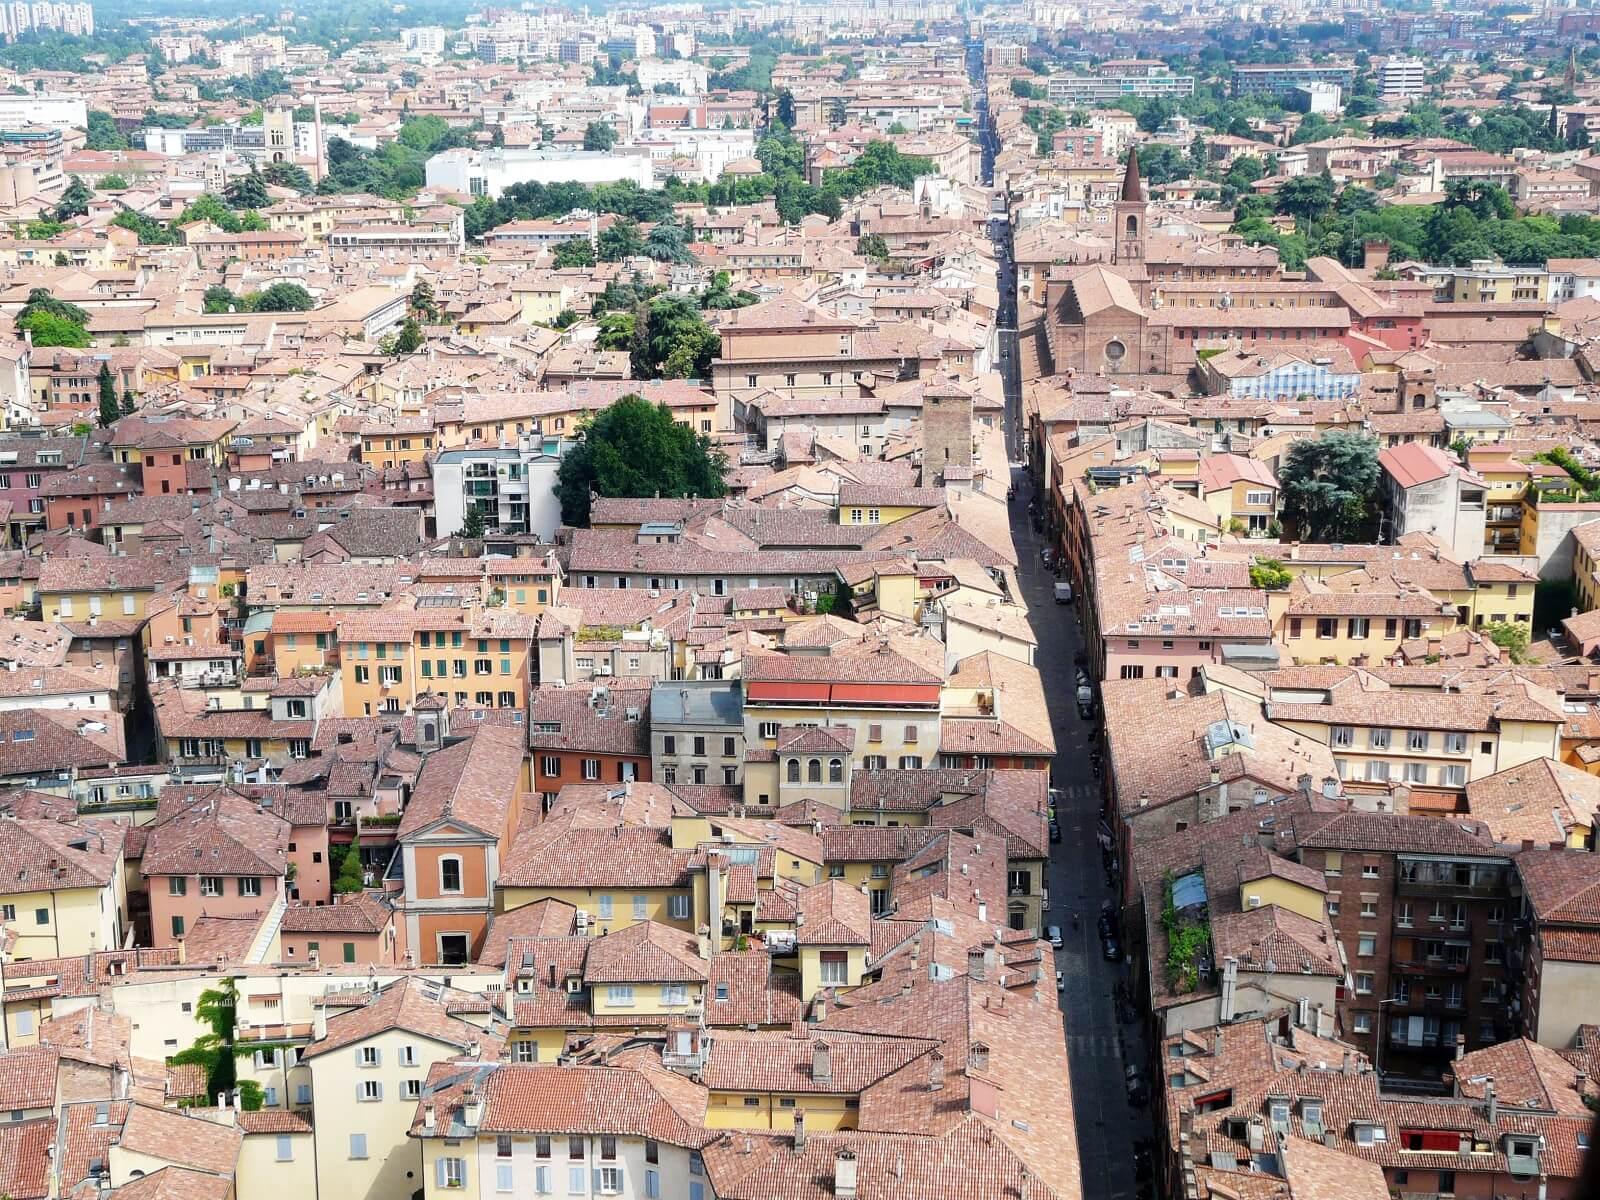 Bezienswaardigheden Bologna - Toren Asinelli en de Due Torri